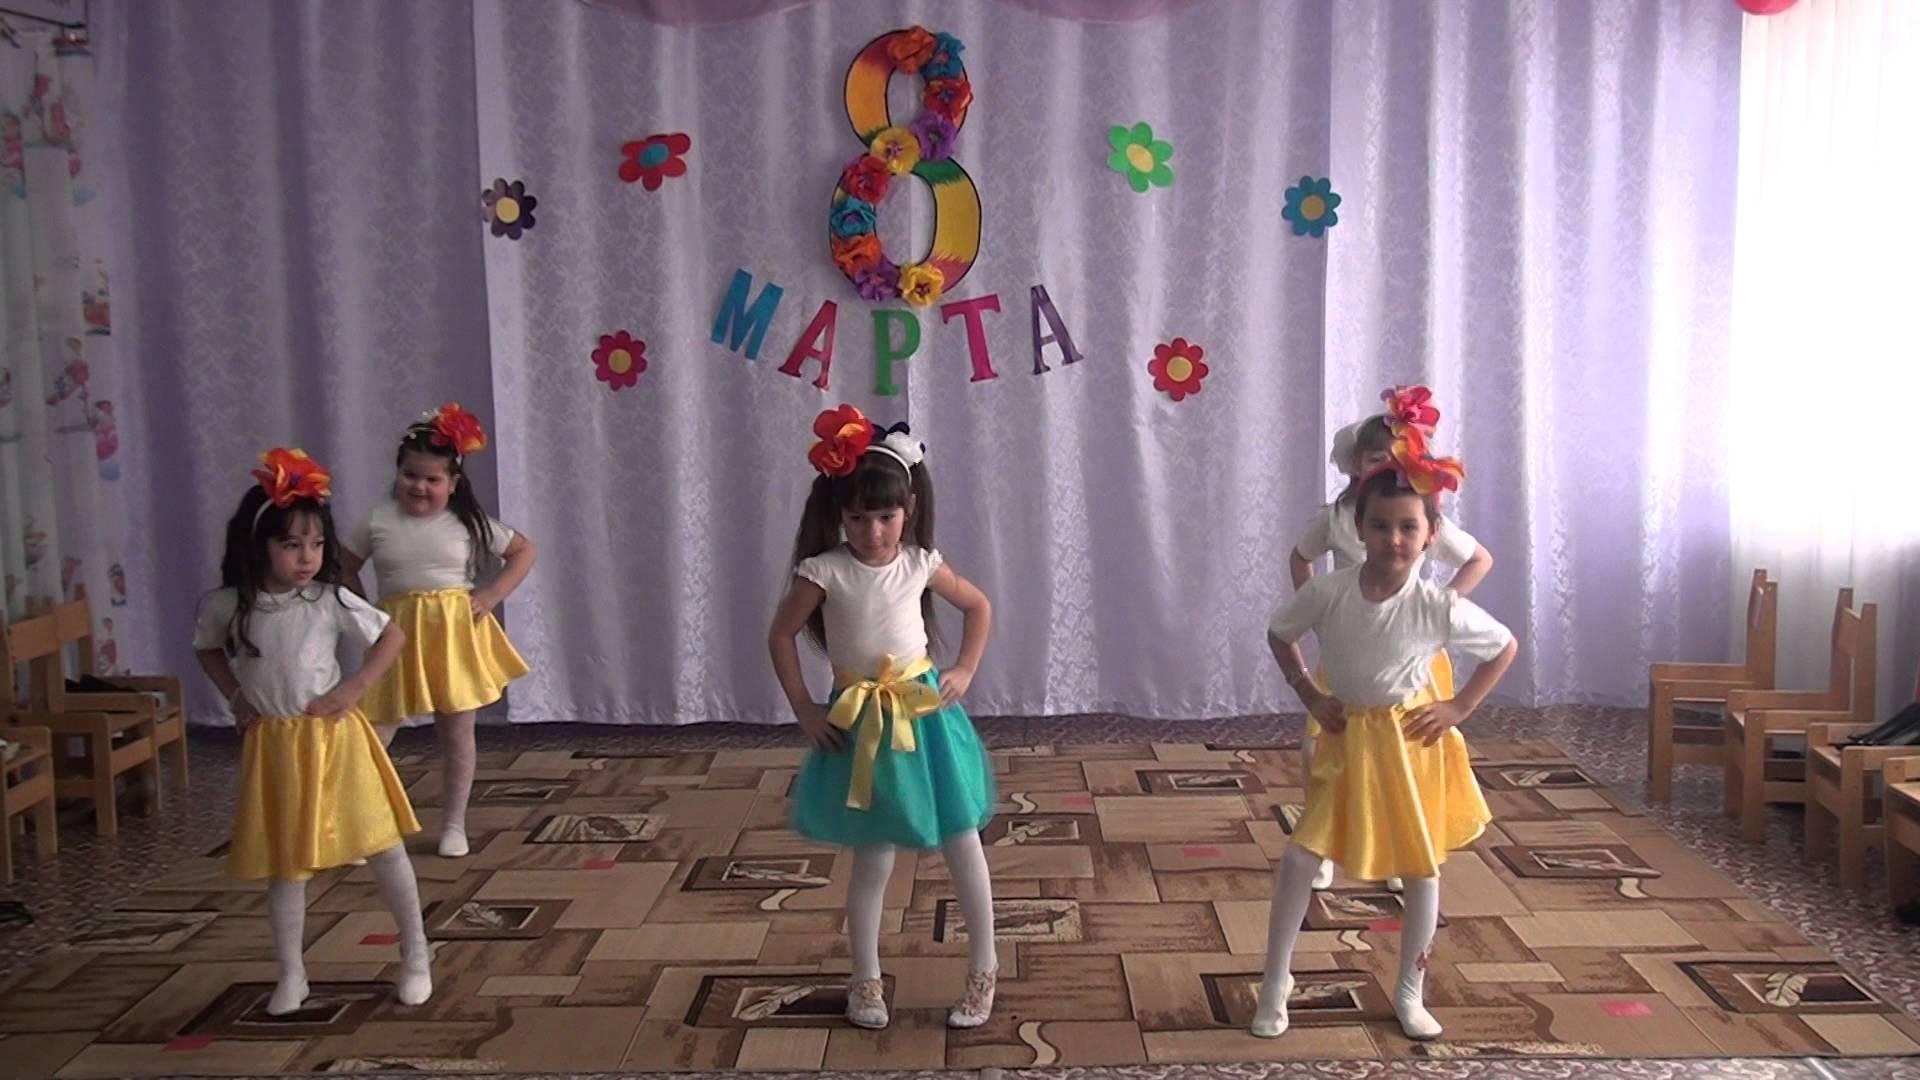 Лучшие сценарии детского утренника на 8 марта в детском саду в подготовительной, младшей, средней и старшей группах: новые и интересные сценарии детского праздника 8 марта для дошкольников